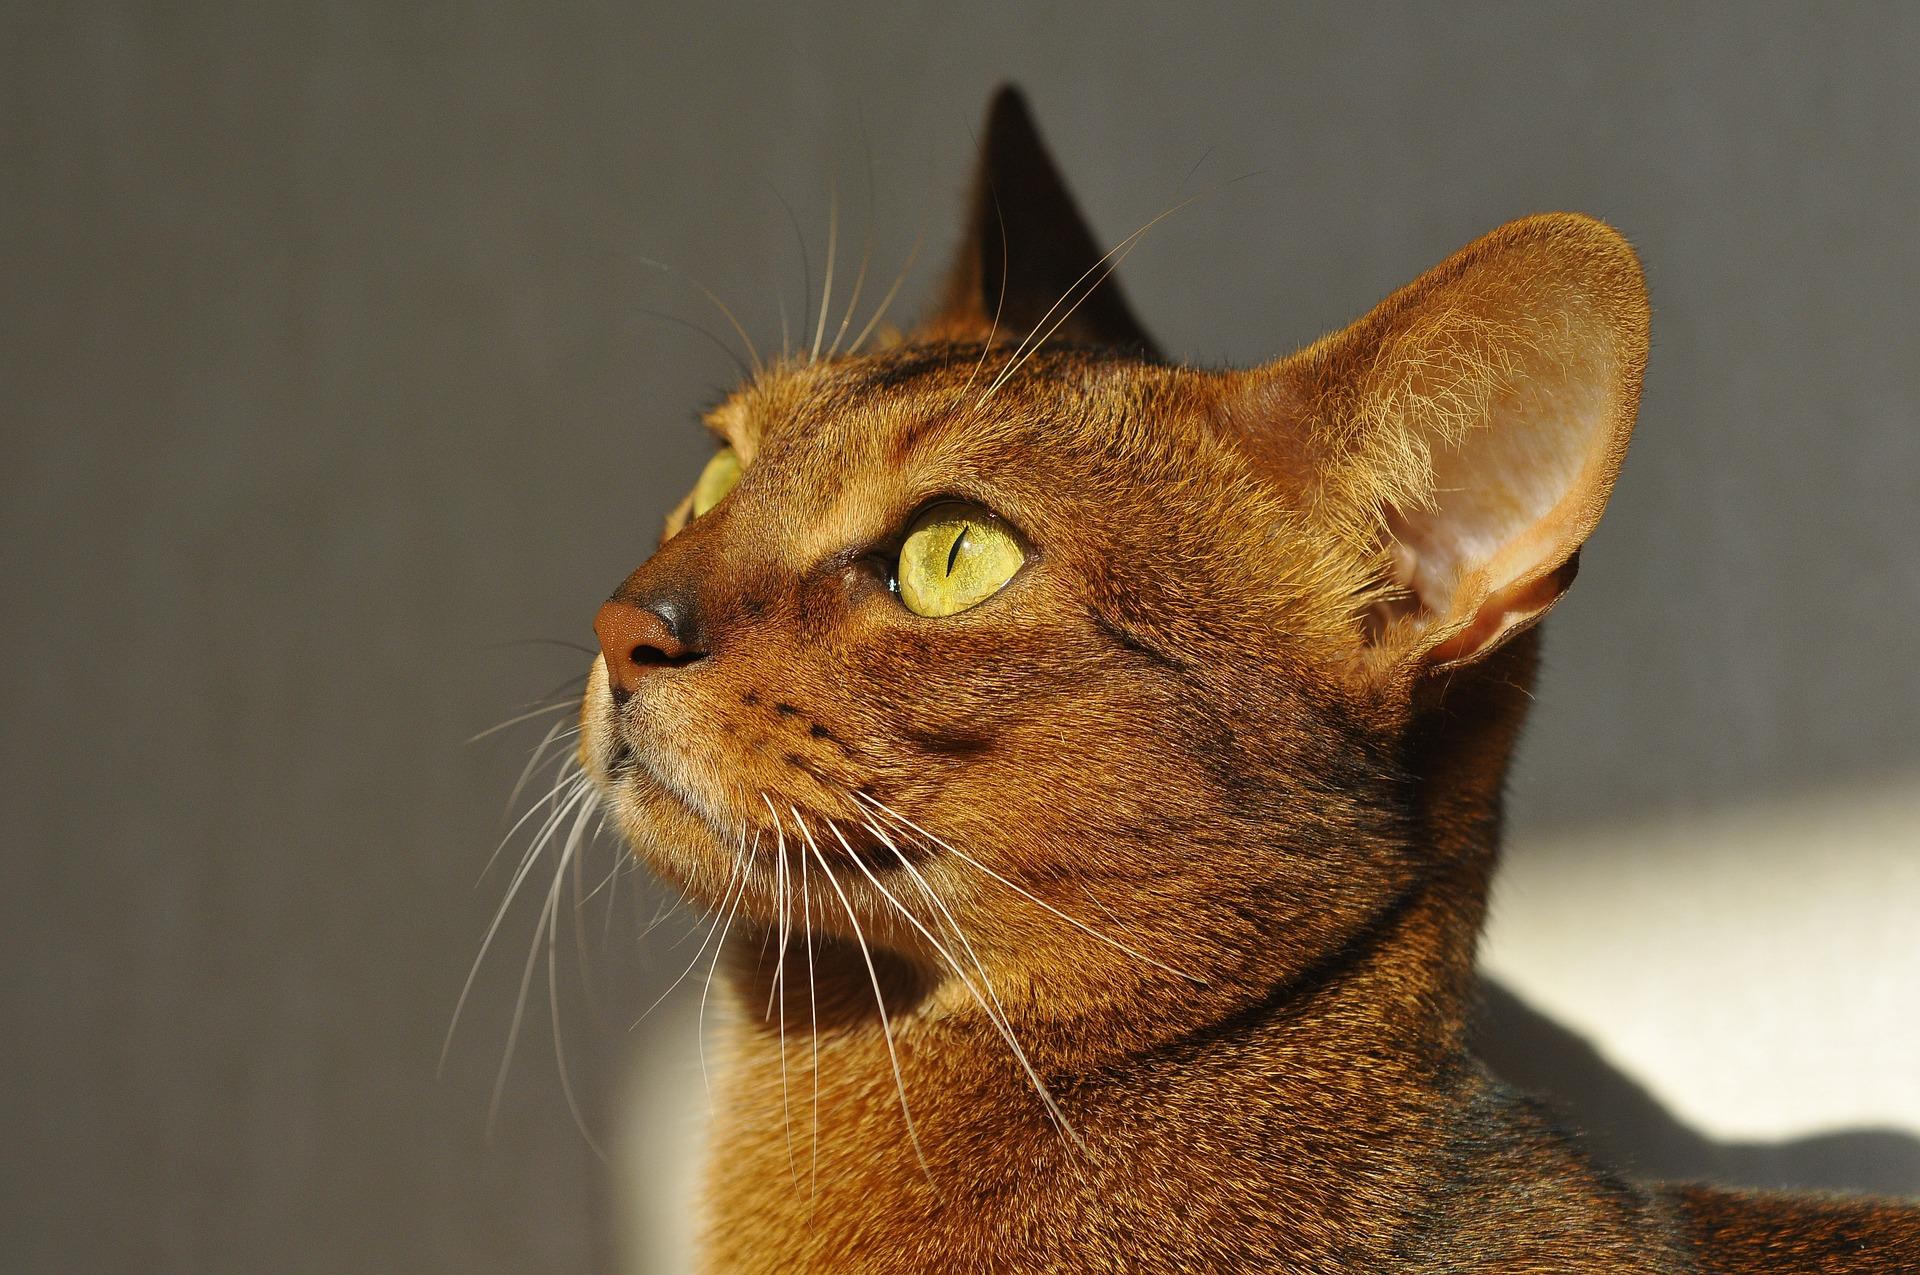 Głowa kotów abisyńskich jest w kształcie klina, a uszy szeroko rozstawione z charakterystyczną plamką z tyłu.